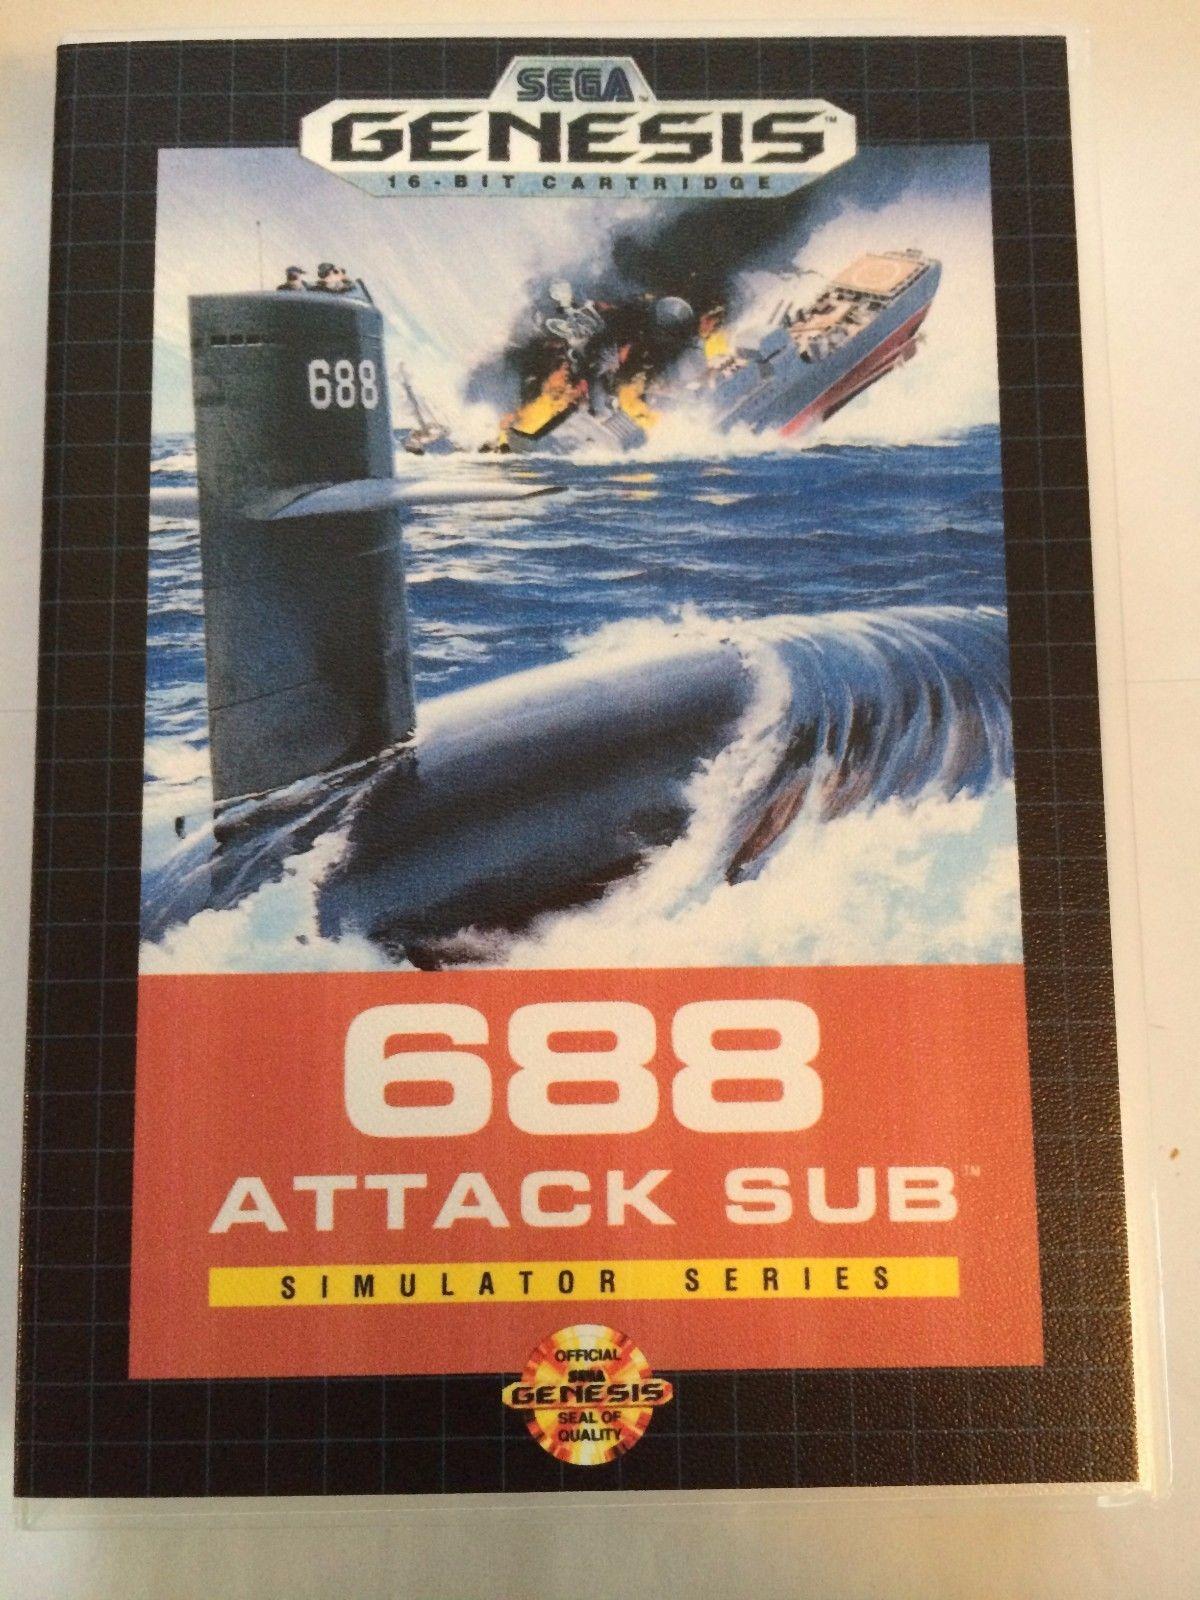 688 Attack Sub - Sega Genesis - Replacement Case - No Game